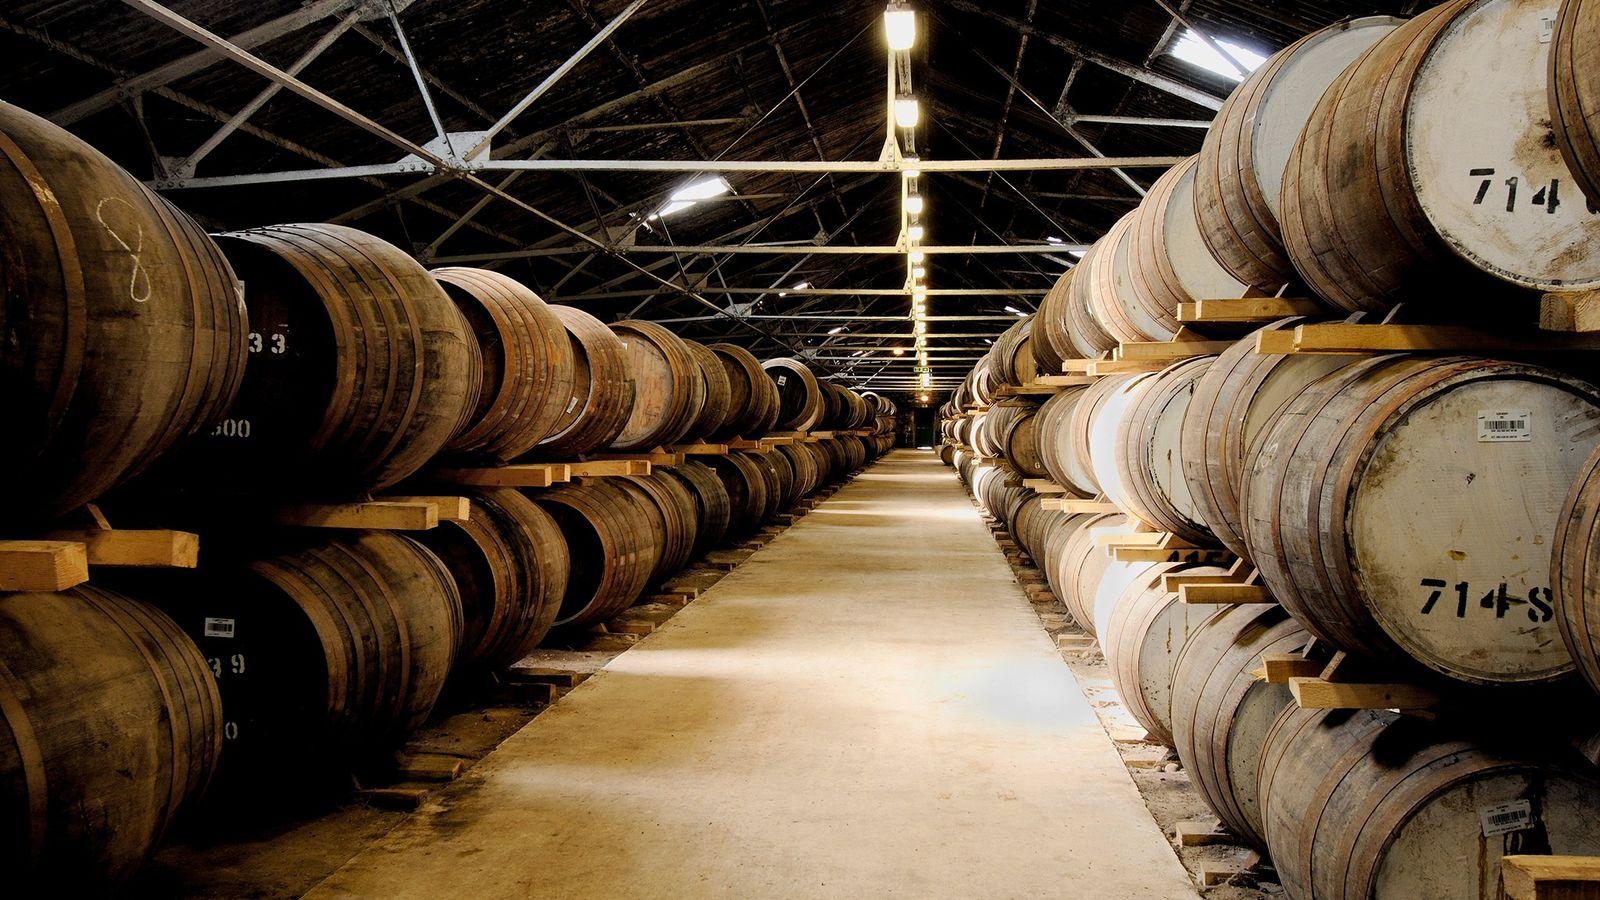 Die Brennerei Glen Moray begann 1897 in Speyside mit der Whisky-Herstellung. Viele der historischen Destillerien des ...